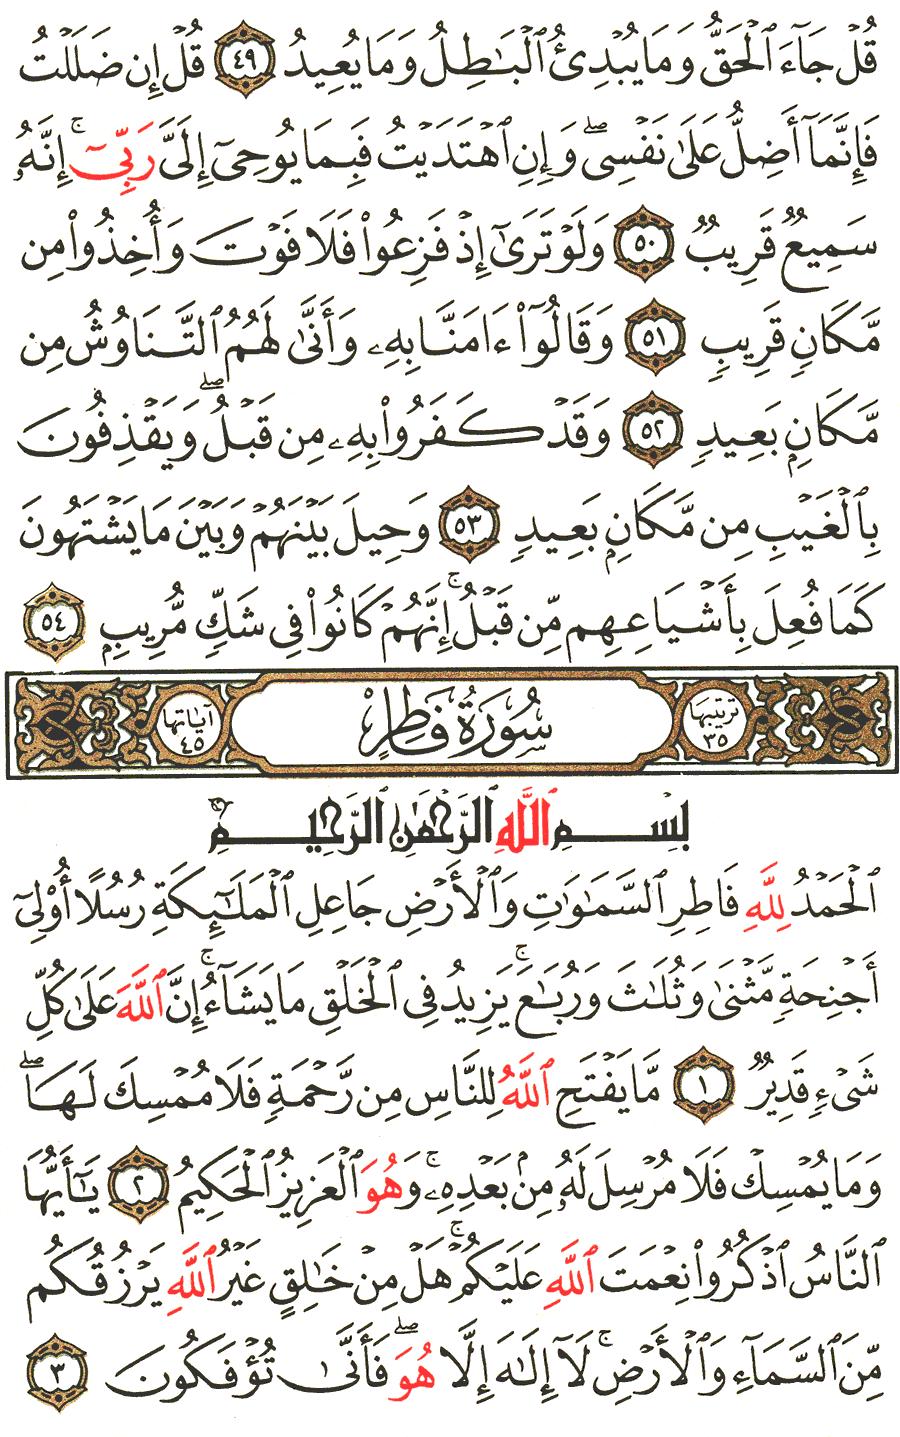 الصفحة رقم 434 من القرآن الكريم مكتوبة من المصحف